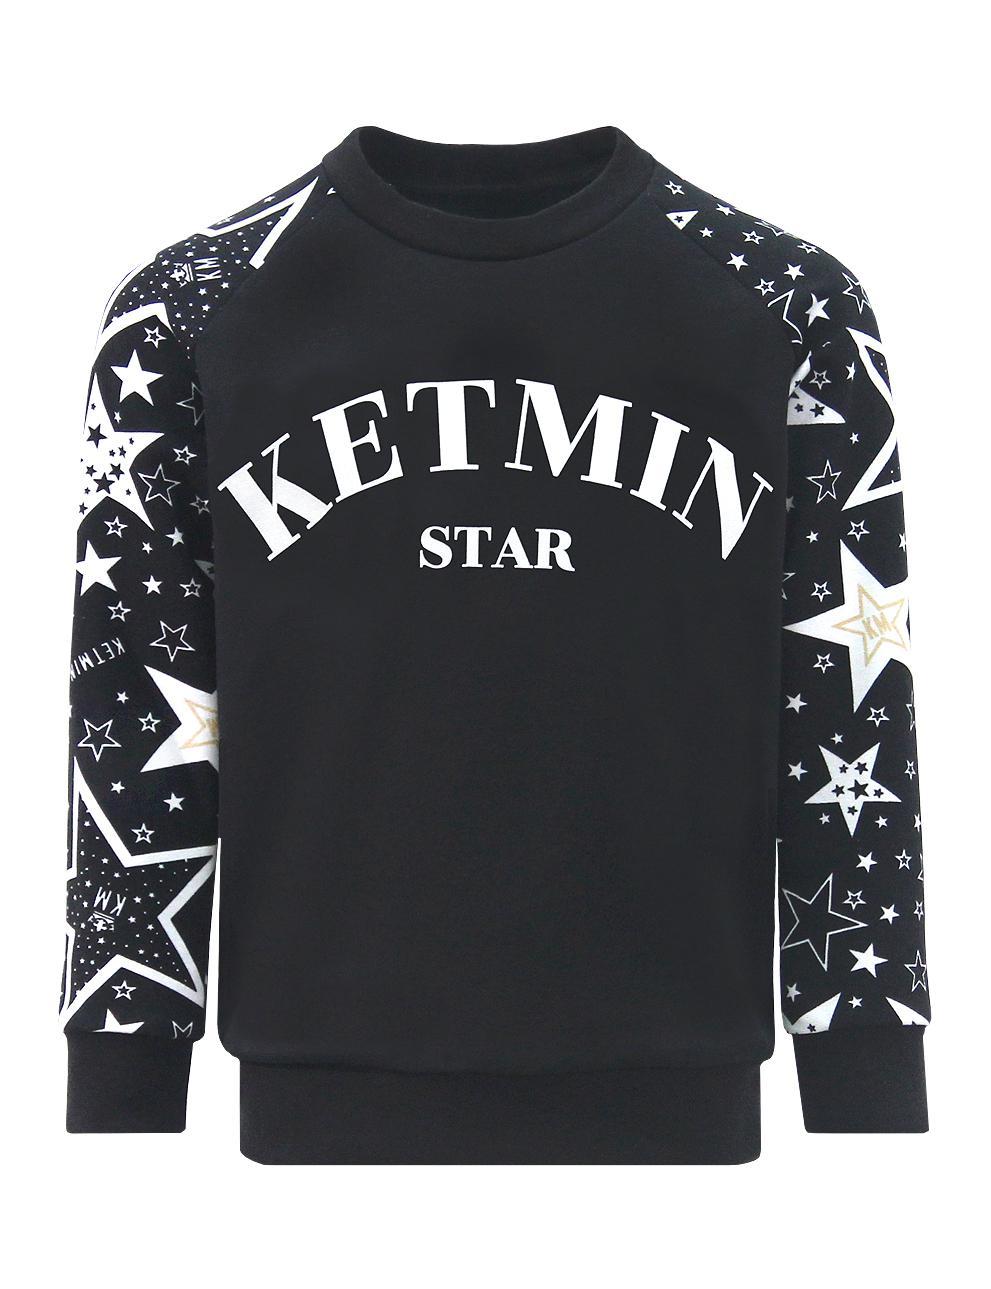 Свитшот детский KETMIN STAR реглан цв.Чёрный